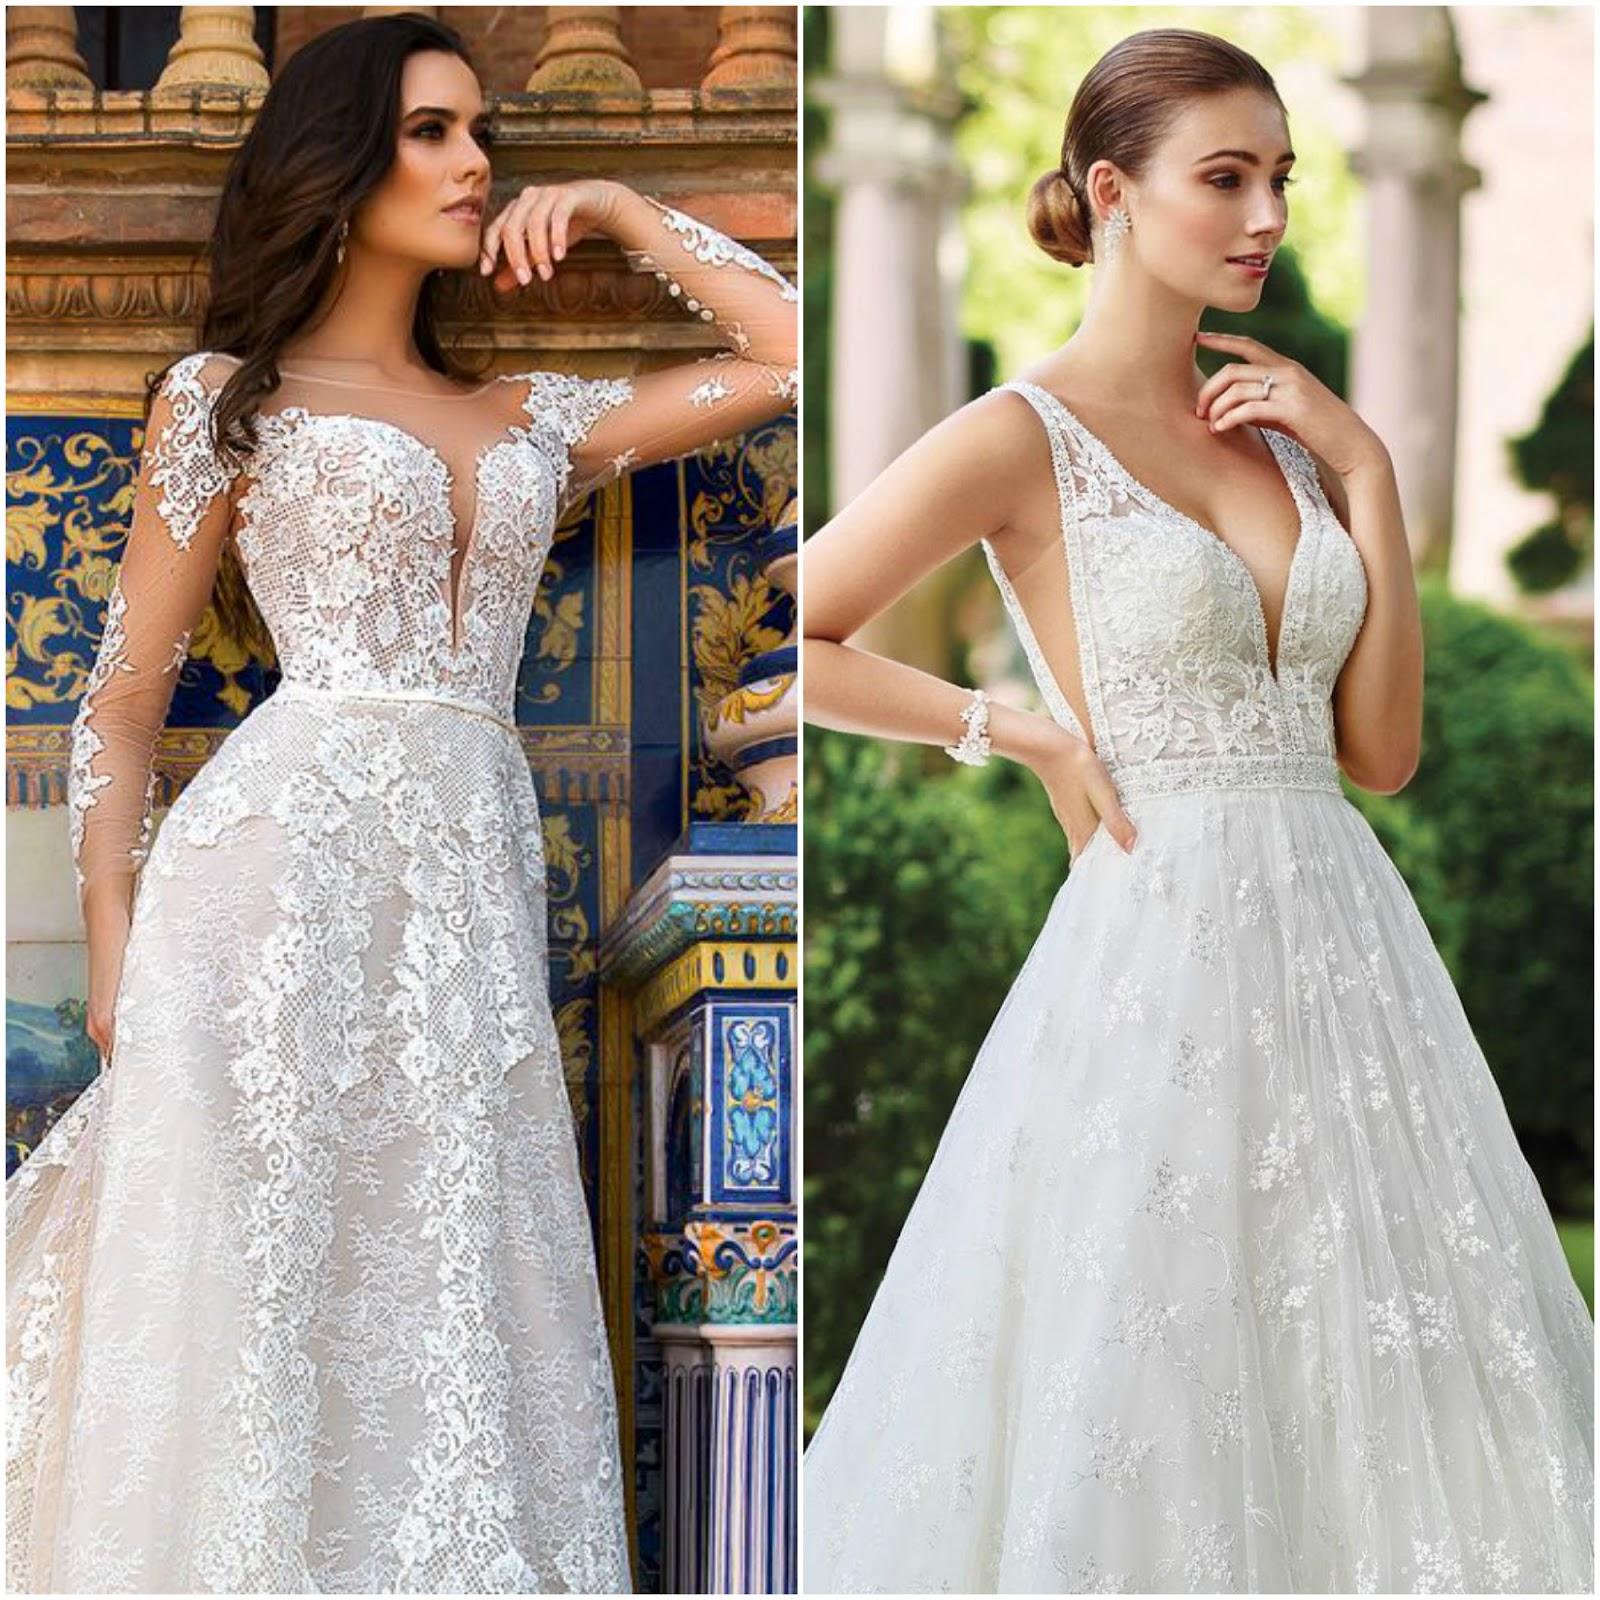 Vestidos de noiva com decote ilusão